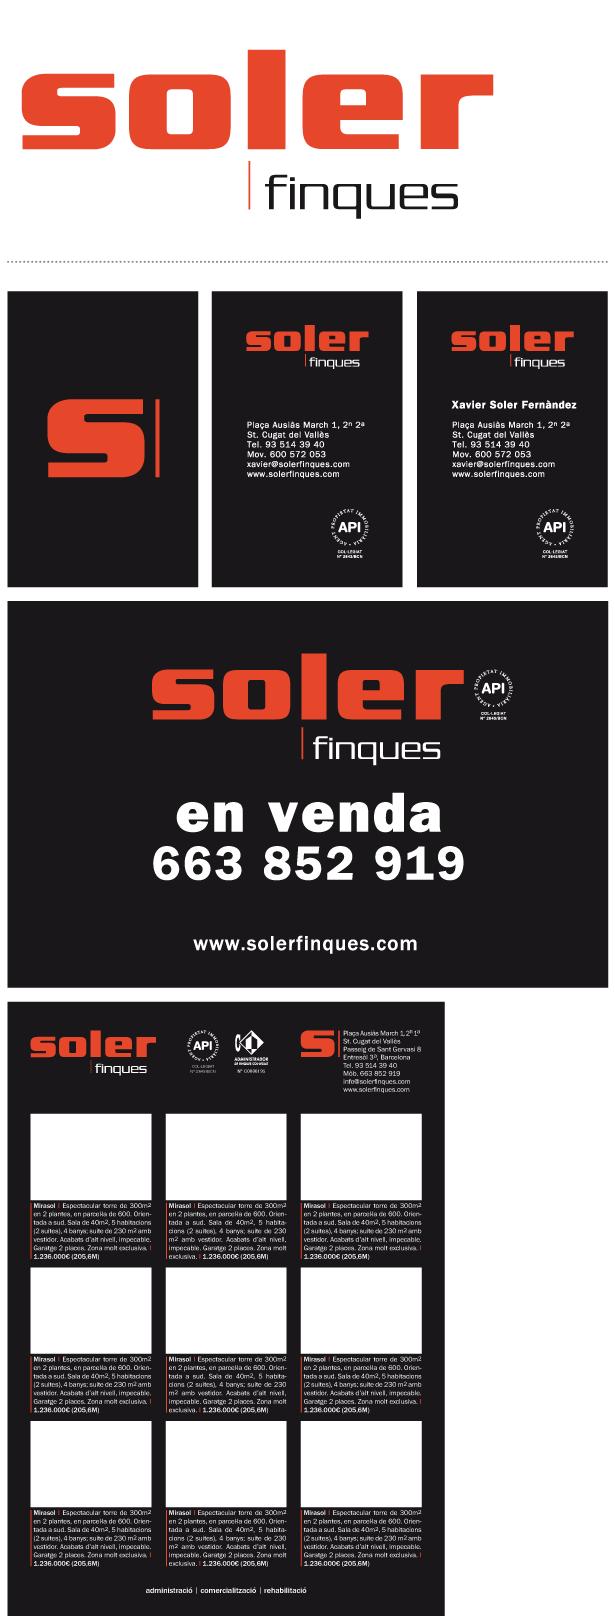 OFweb2014-Identitat008-Soler002